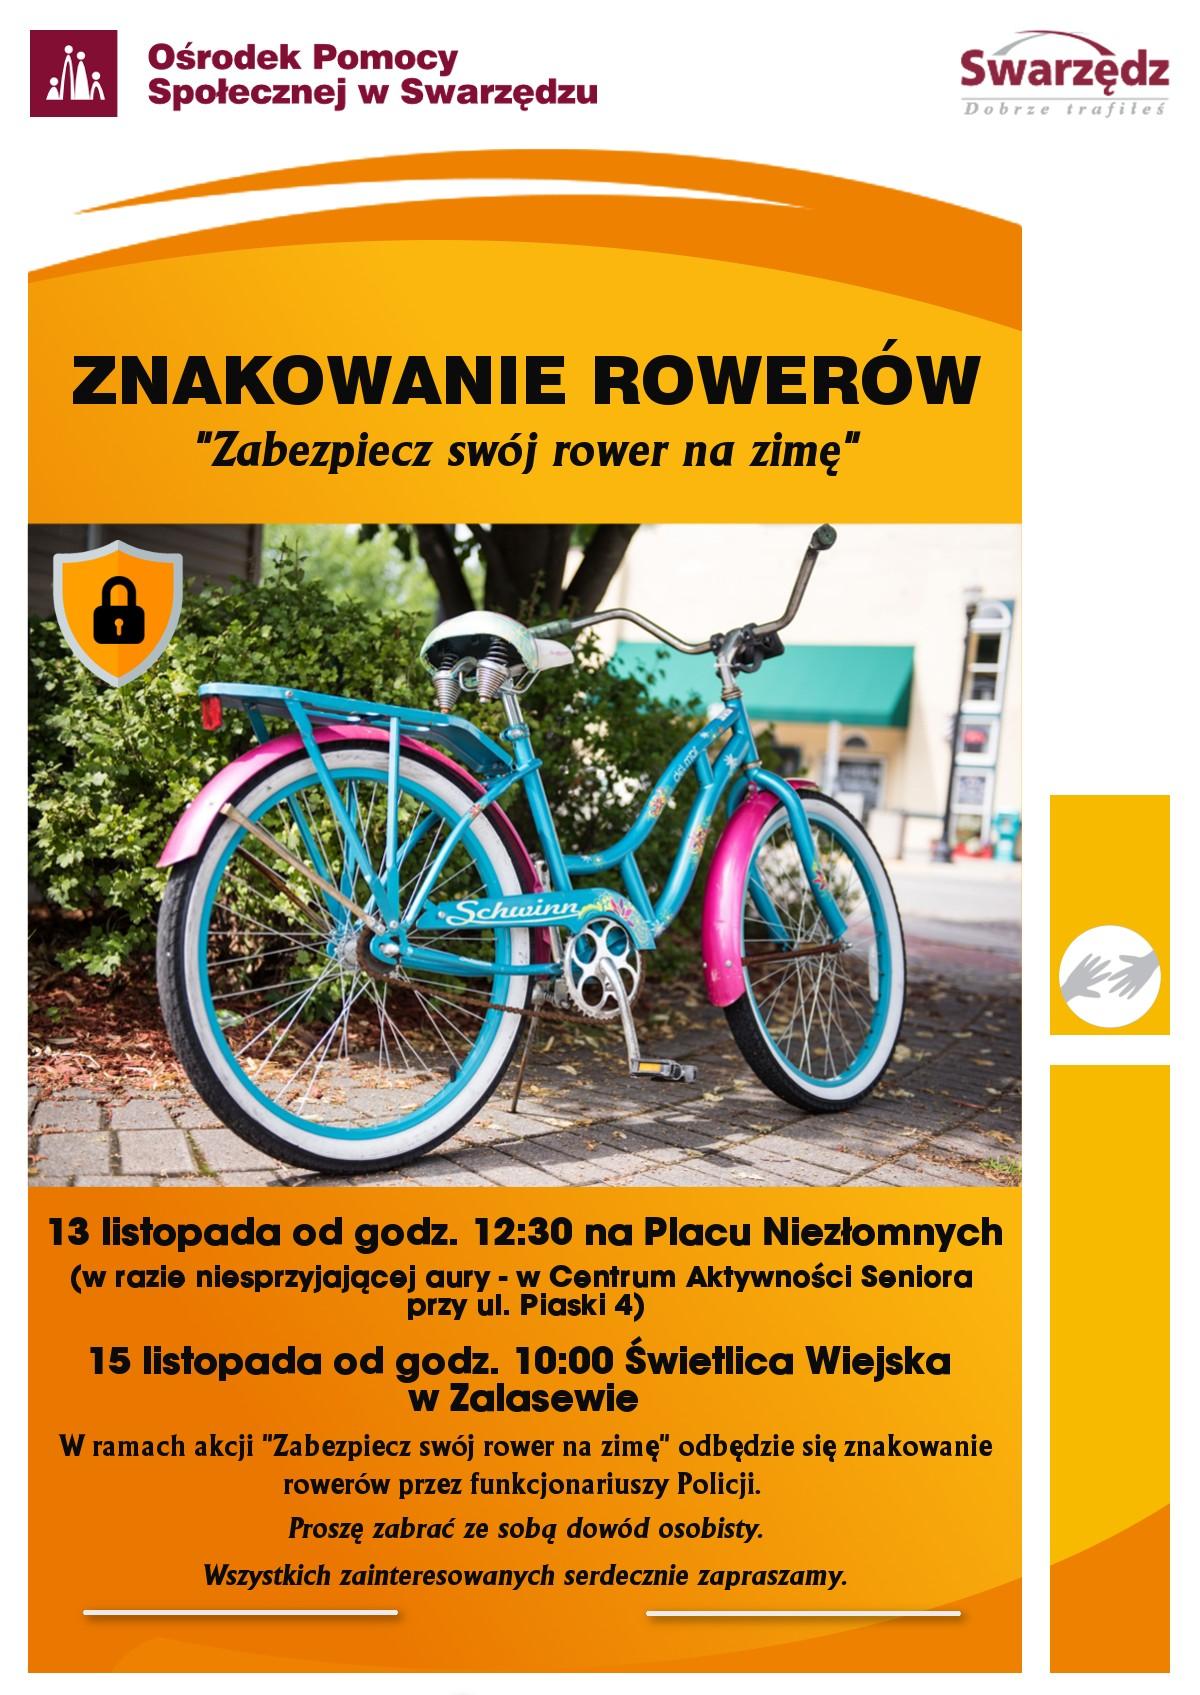 znakowanie rowerow